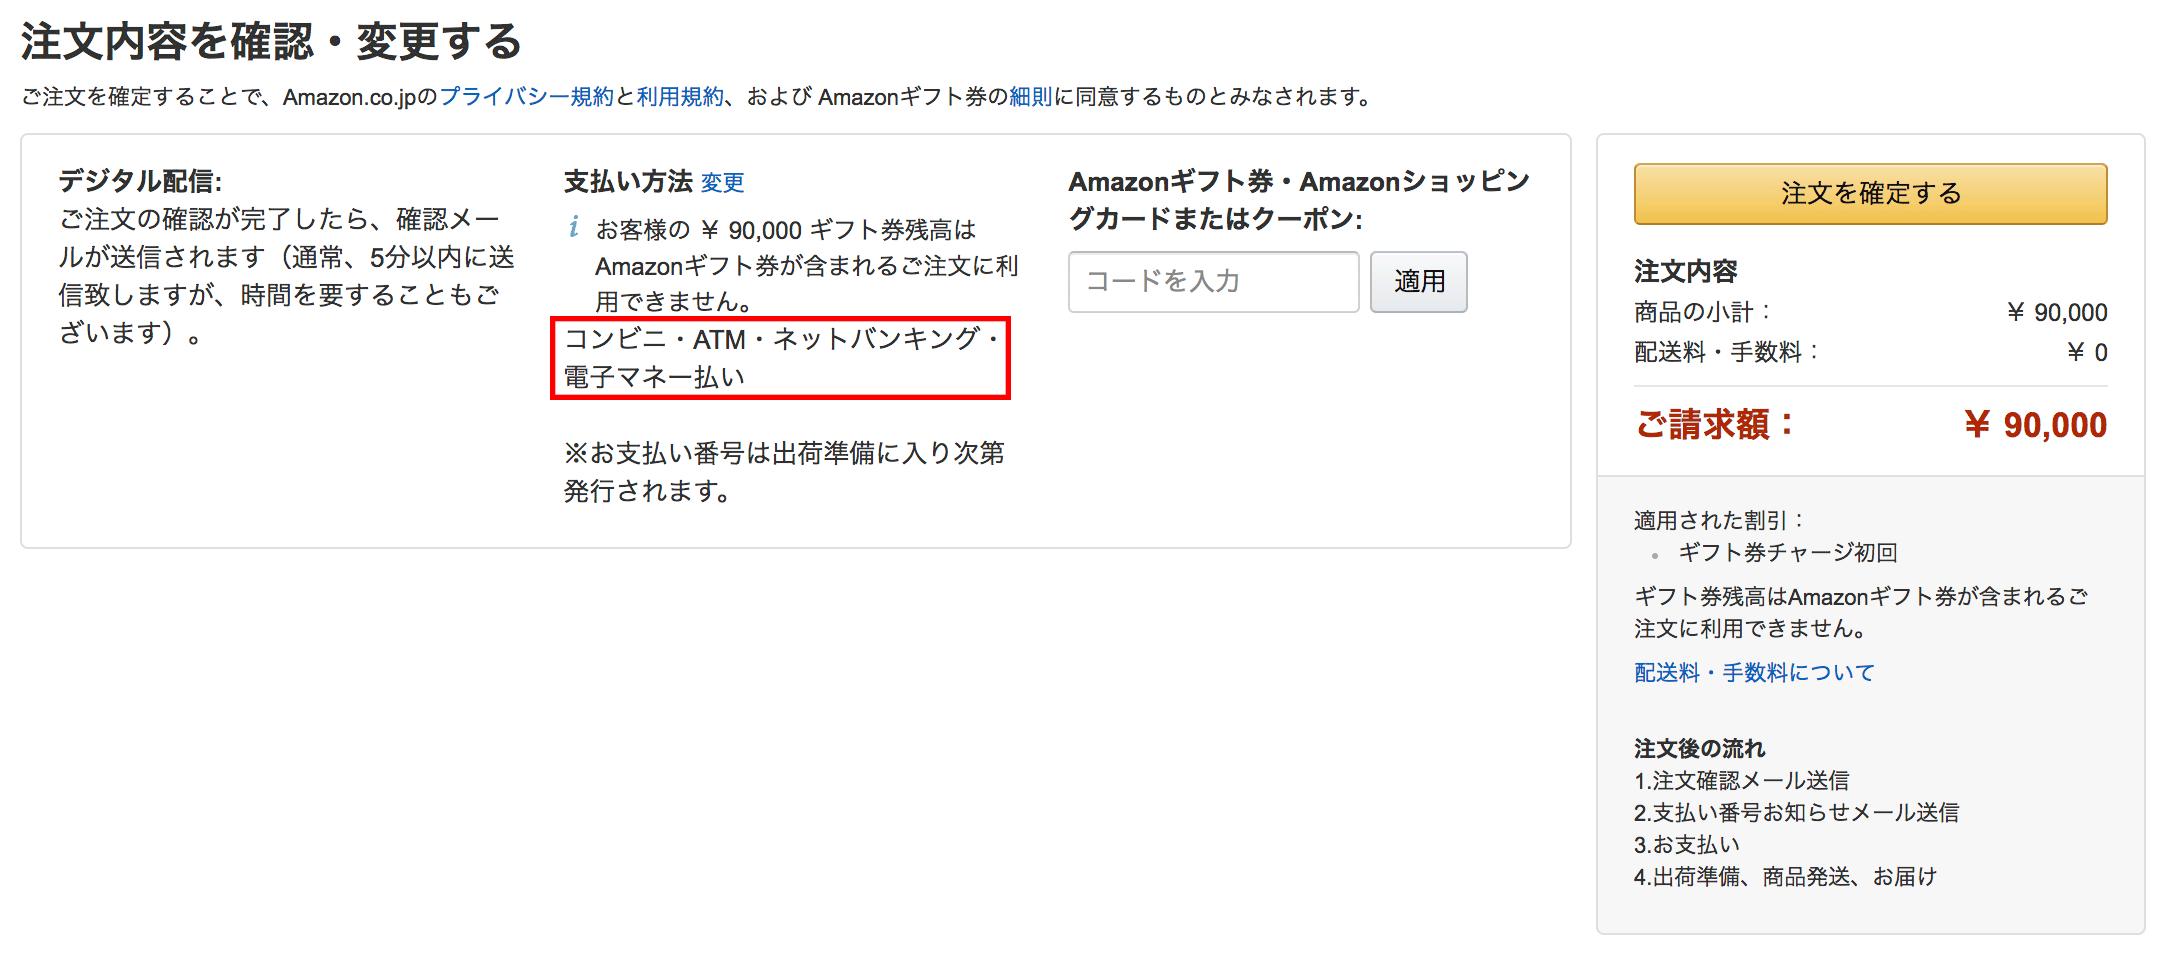 注文内容を確認・変更するページで「注文を確定する」ボタンを押す